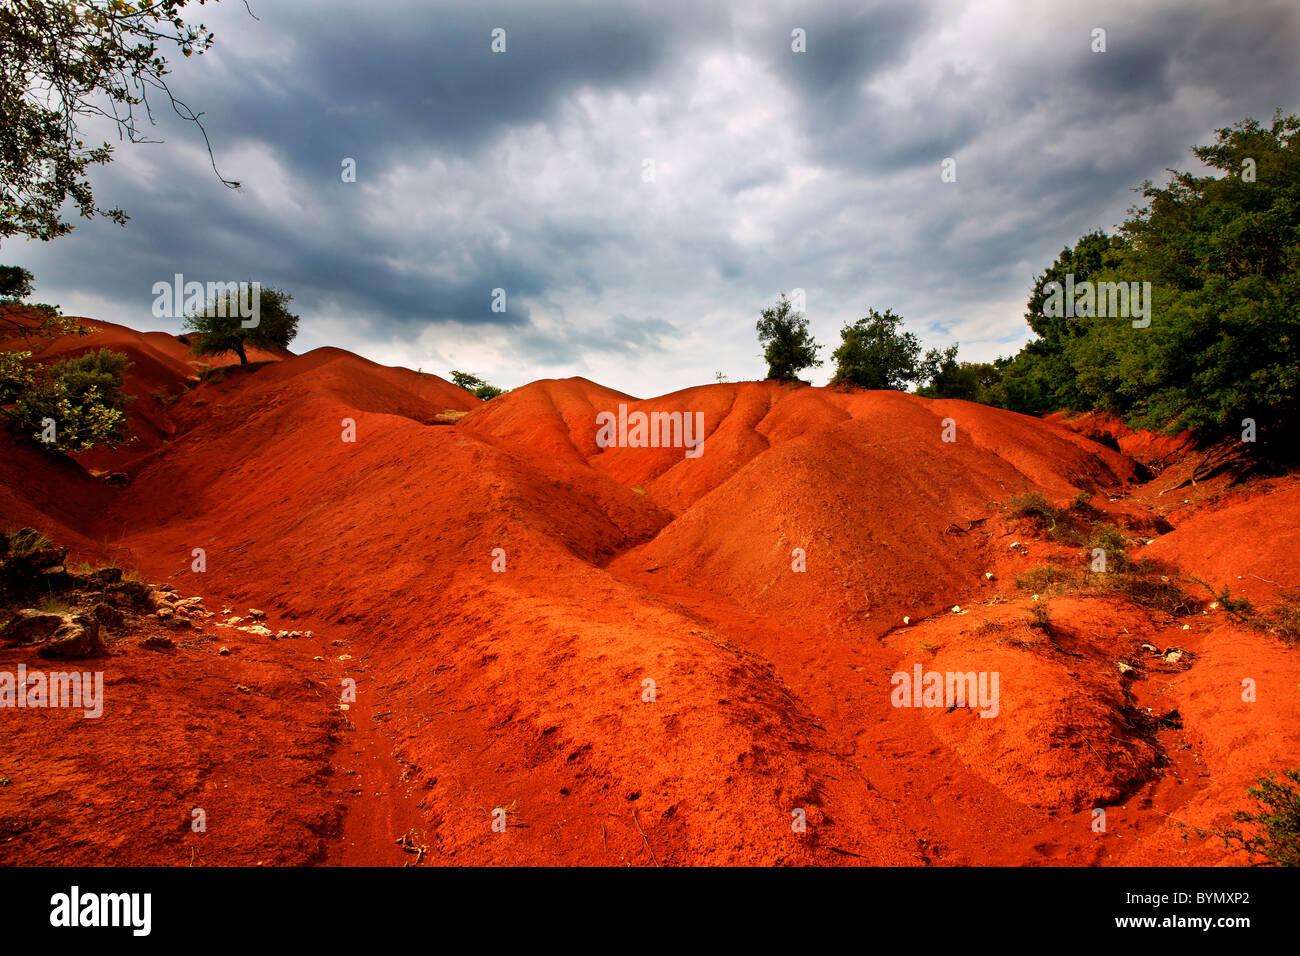 """Die unglaubliche Landschaft in """"Kokkinopilos"""" (bedeutet """"Red Clay"""") in Preveza Präfektur, Stockbild"""